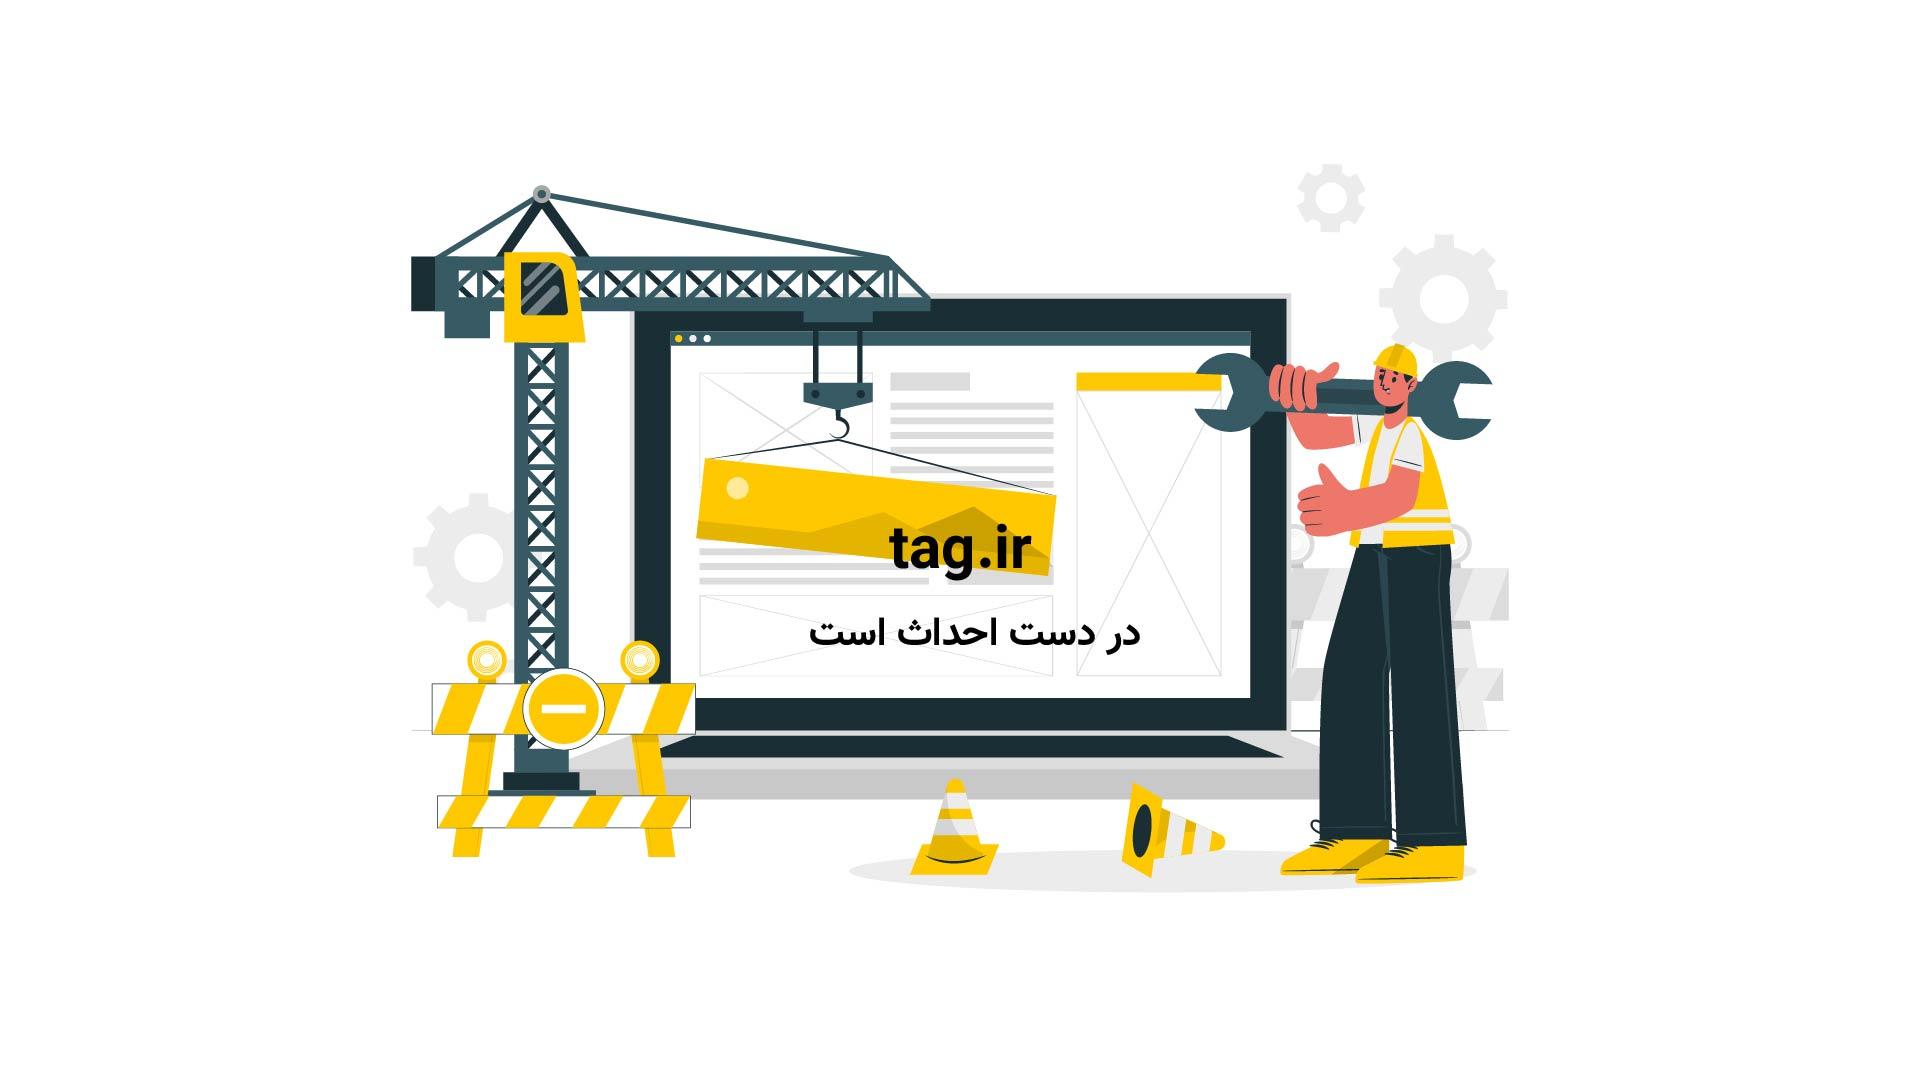 عناوین روزنامههای اقتصادی چهارشنبه 26 آبان | فیلم